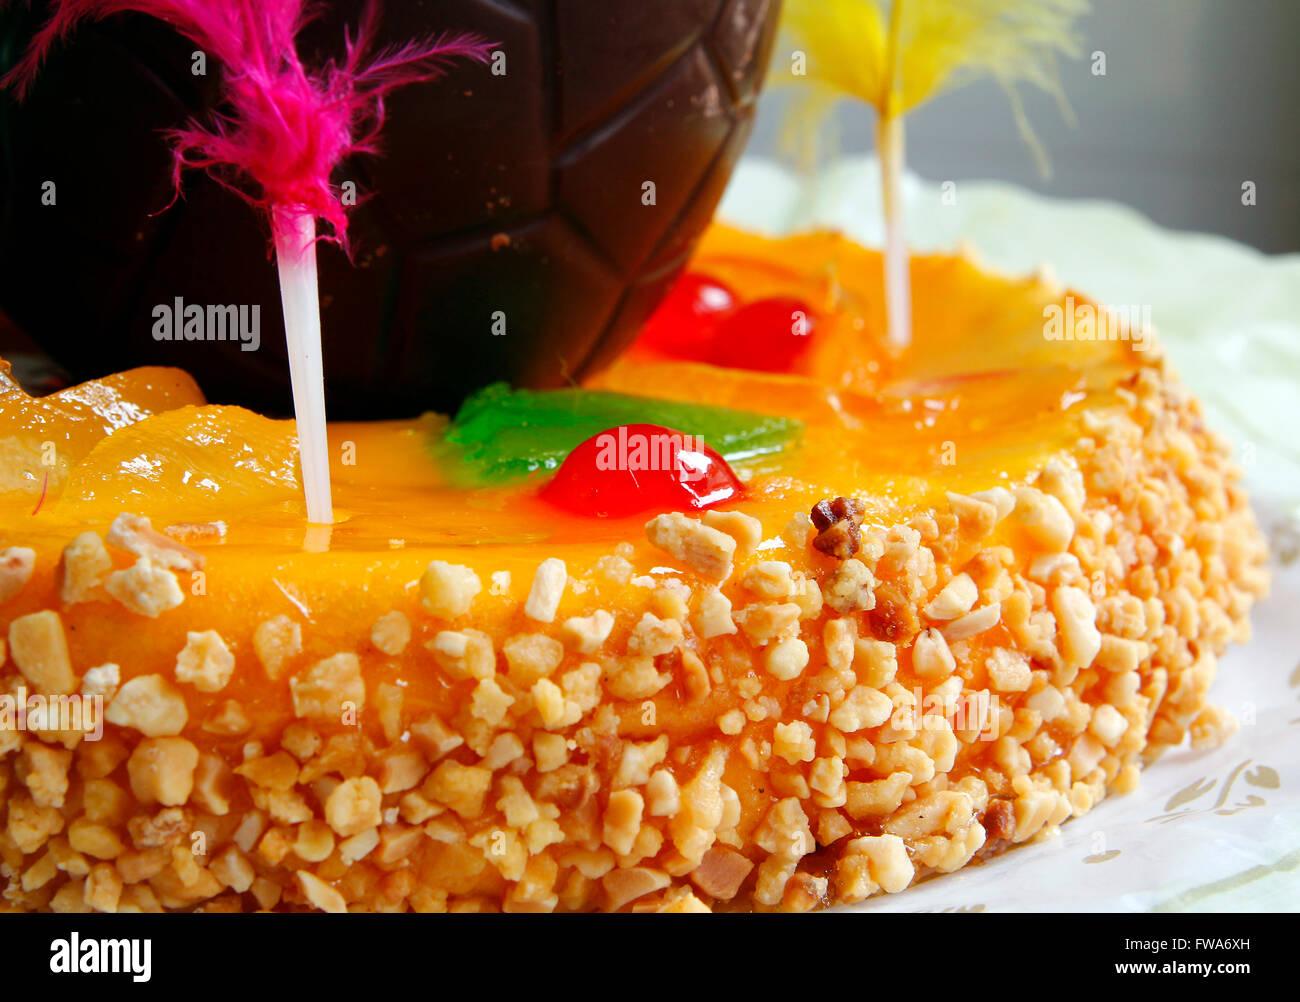 Gâteau de pâques traditionnel avec des amandes et des fruits Photo Stock